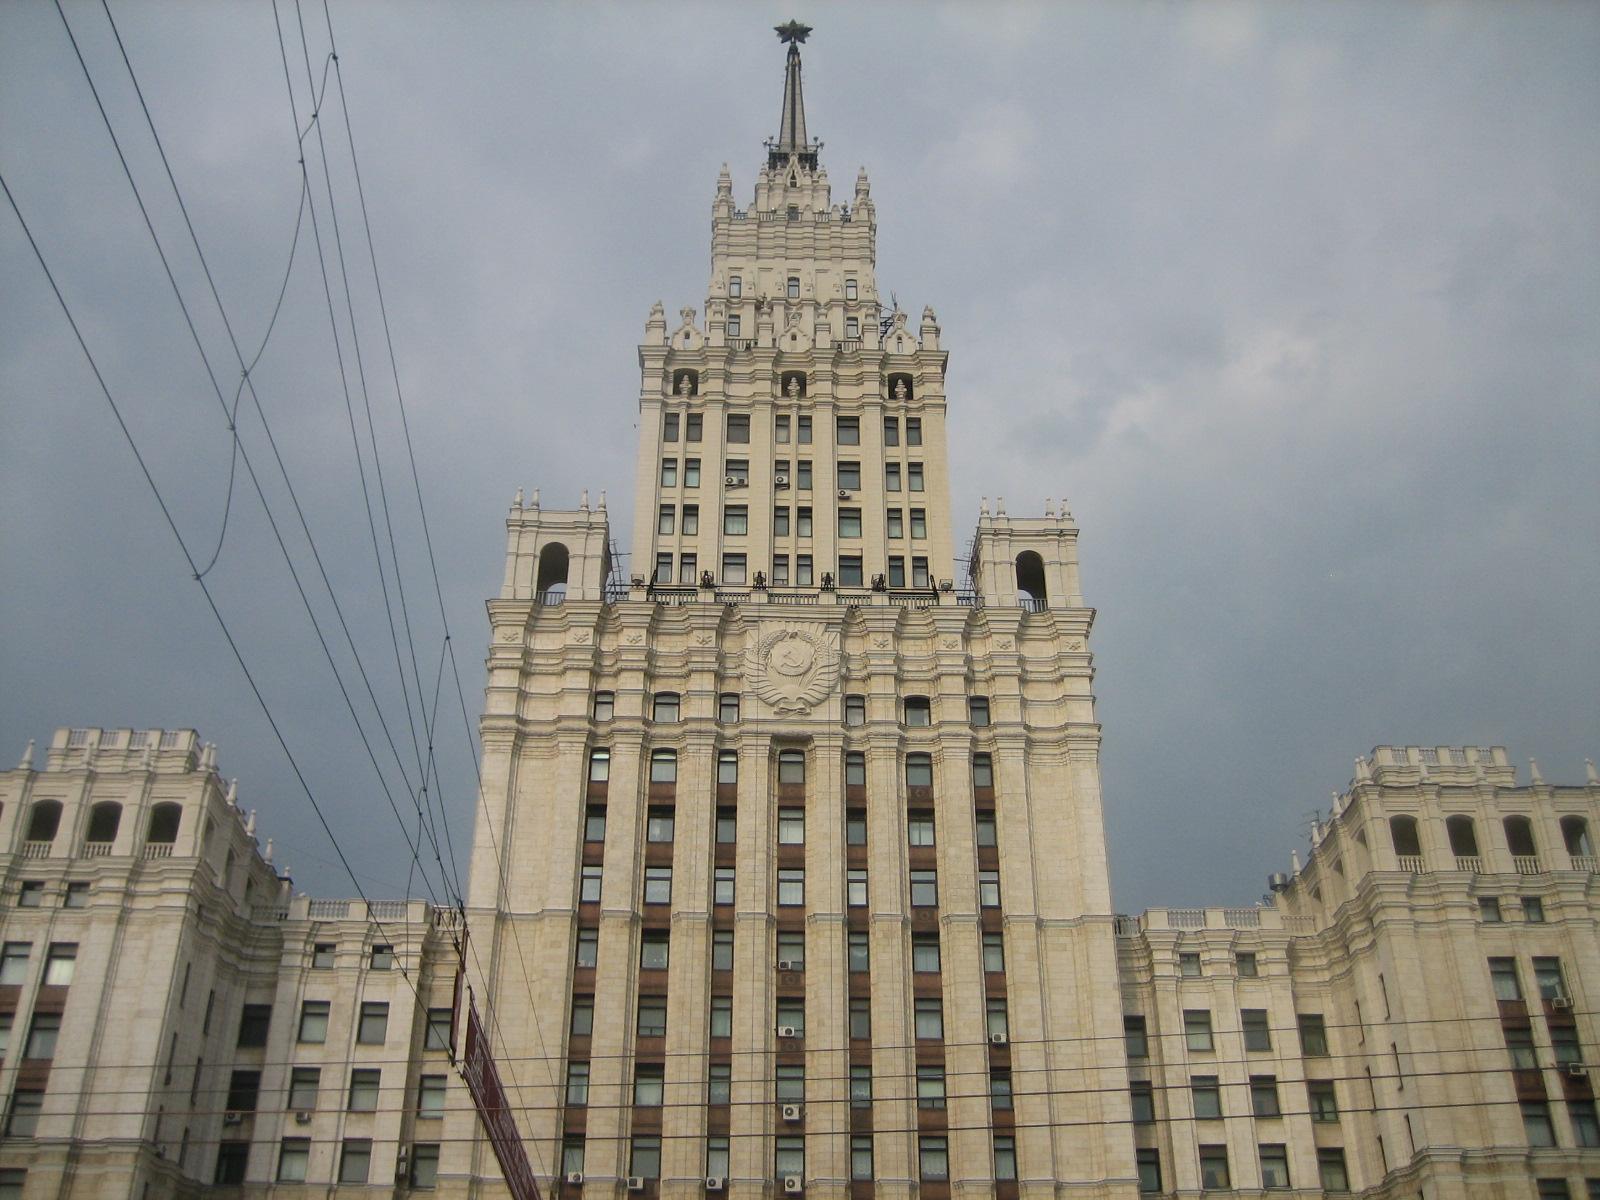 ソビエト連邦運輸機関建設省とは